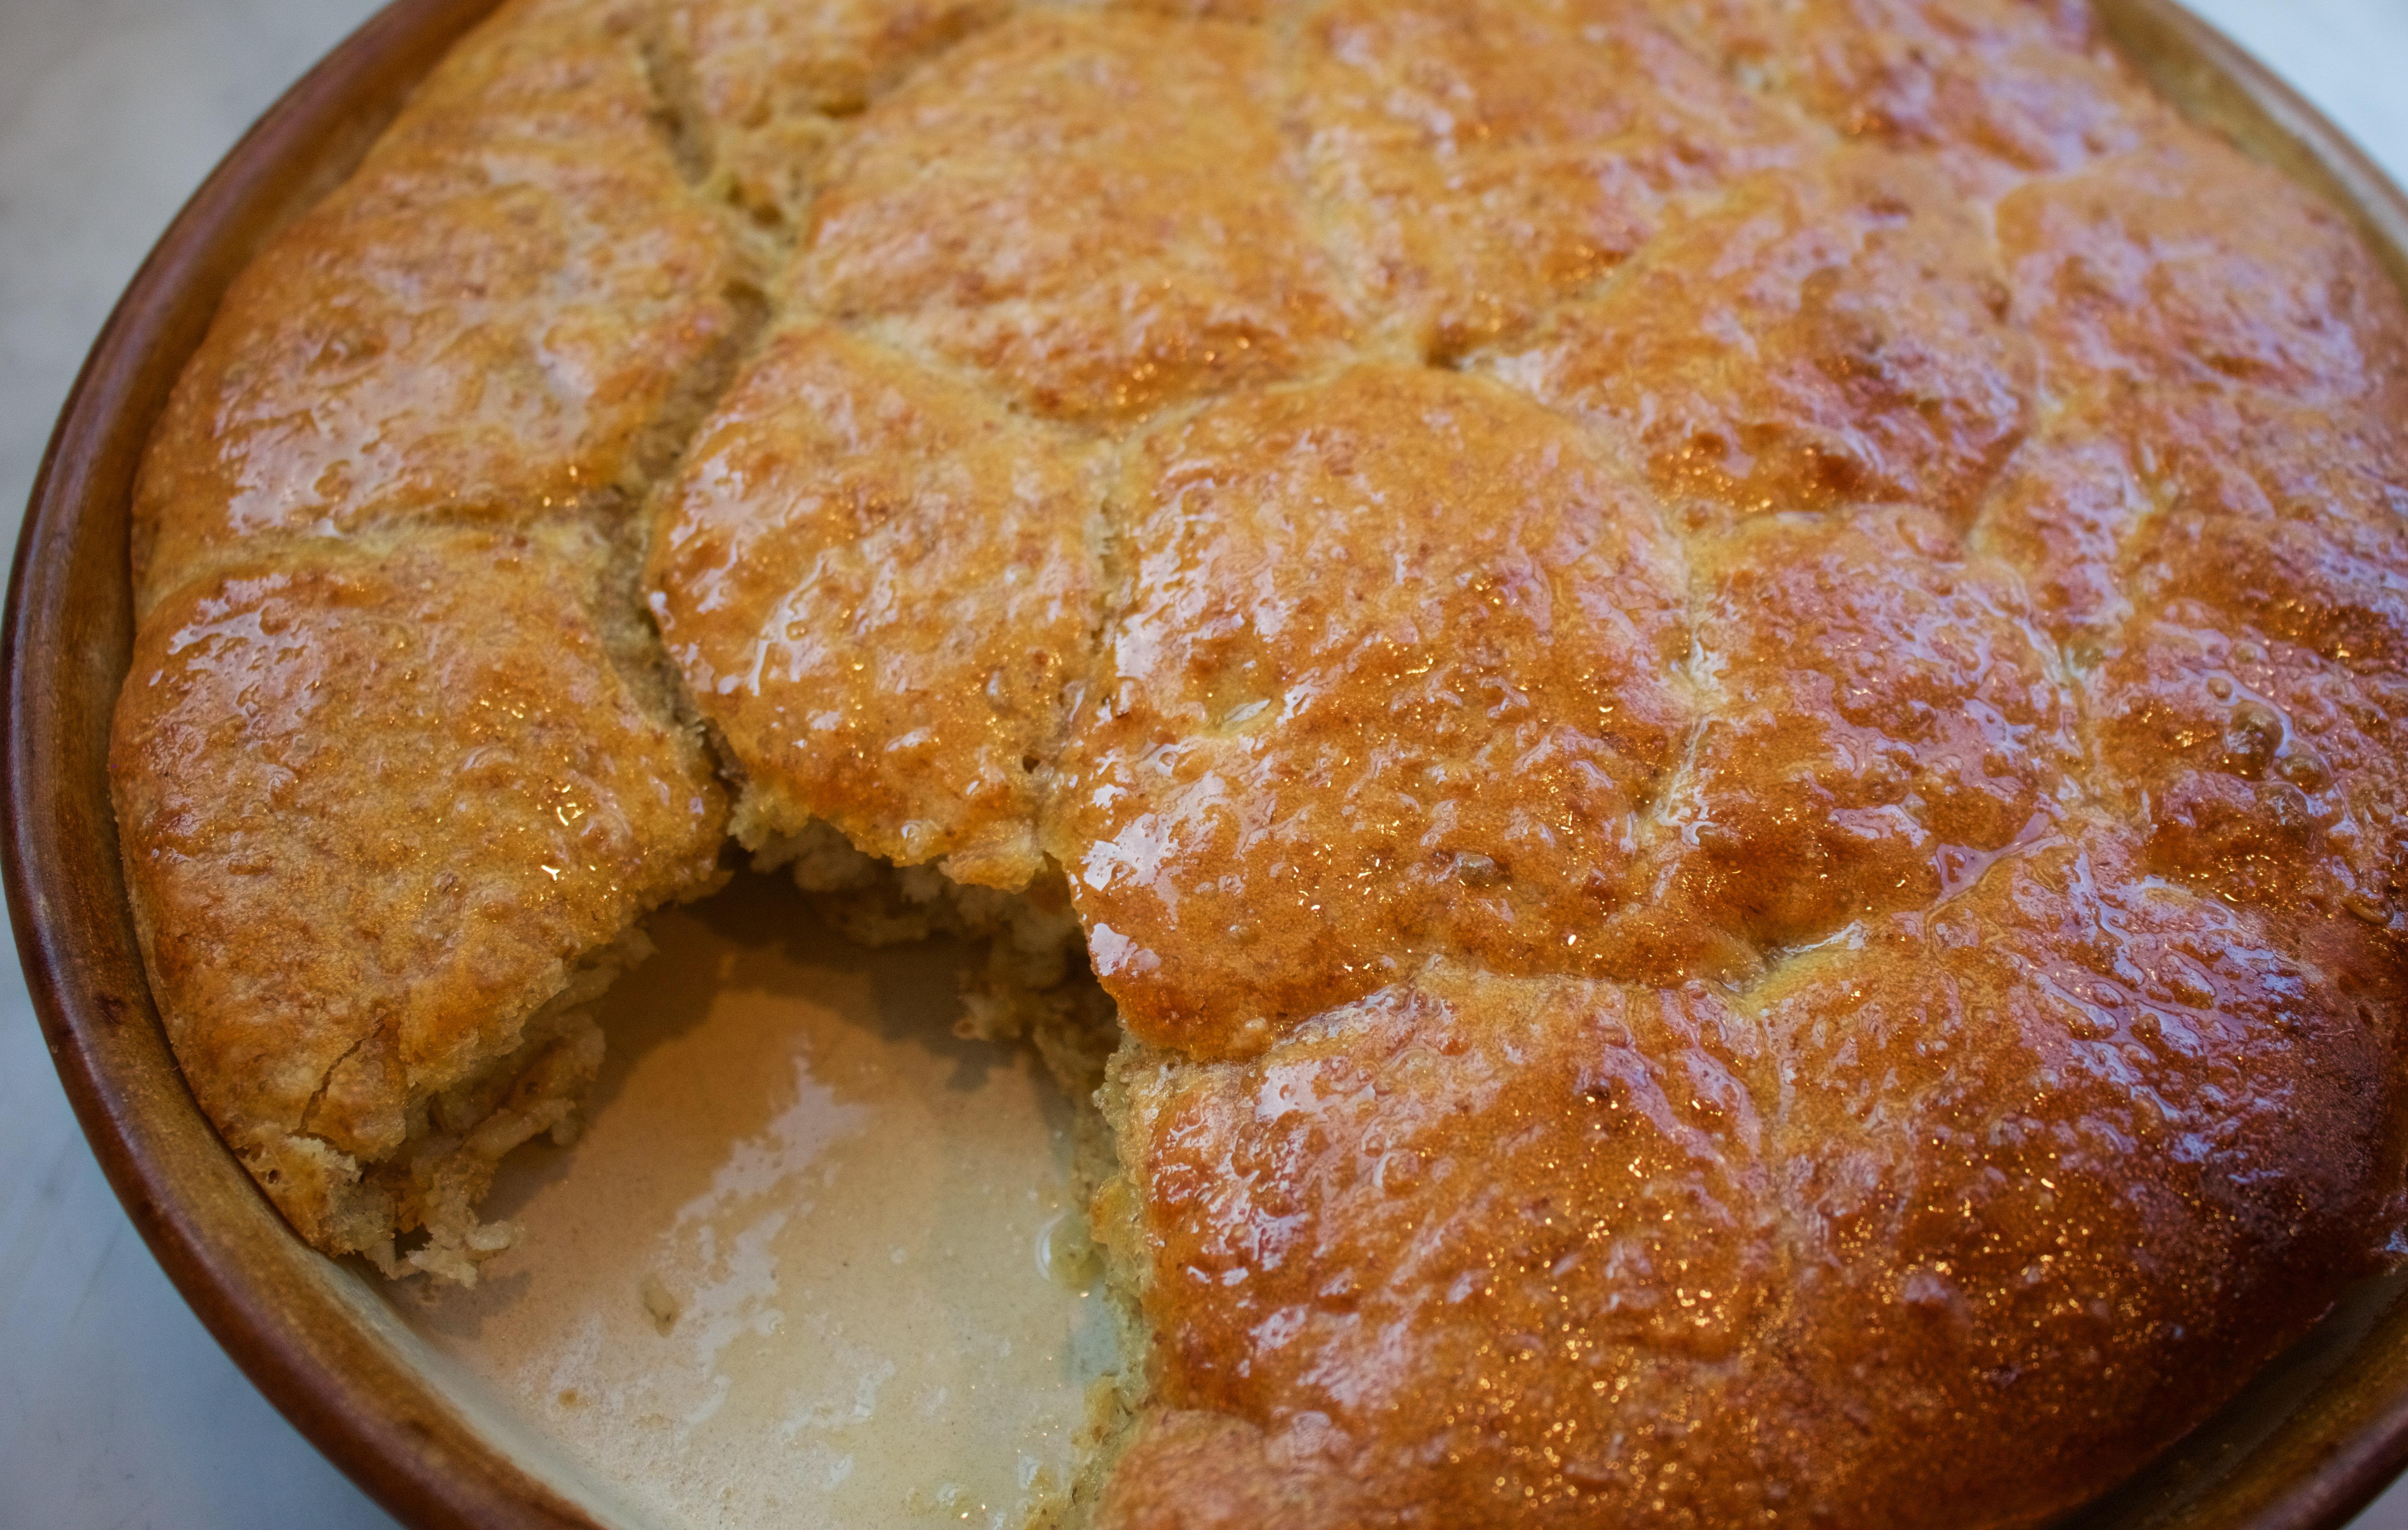 Homemade no-knead bread recipe